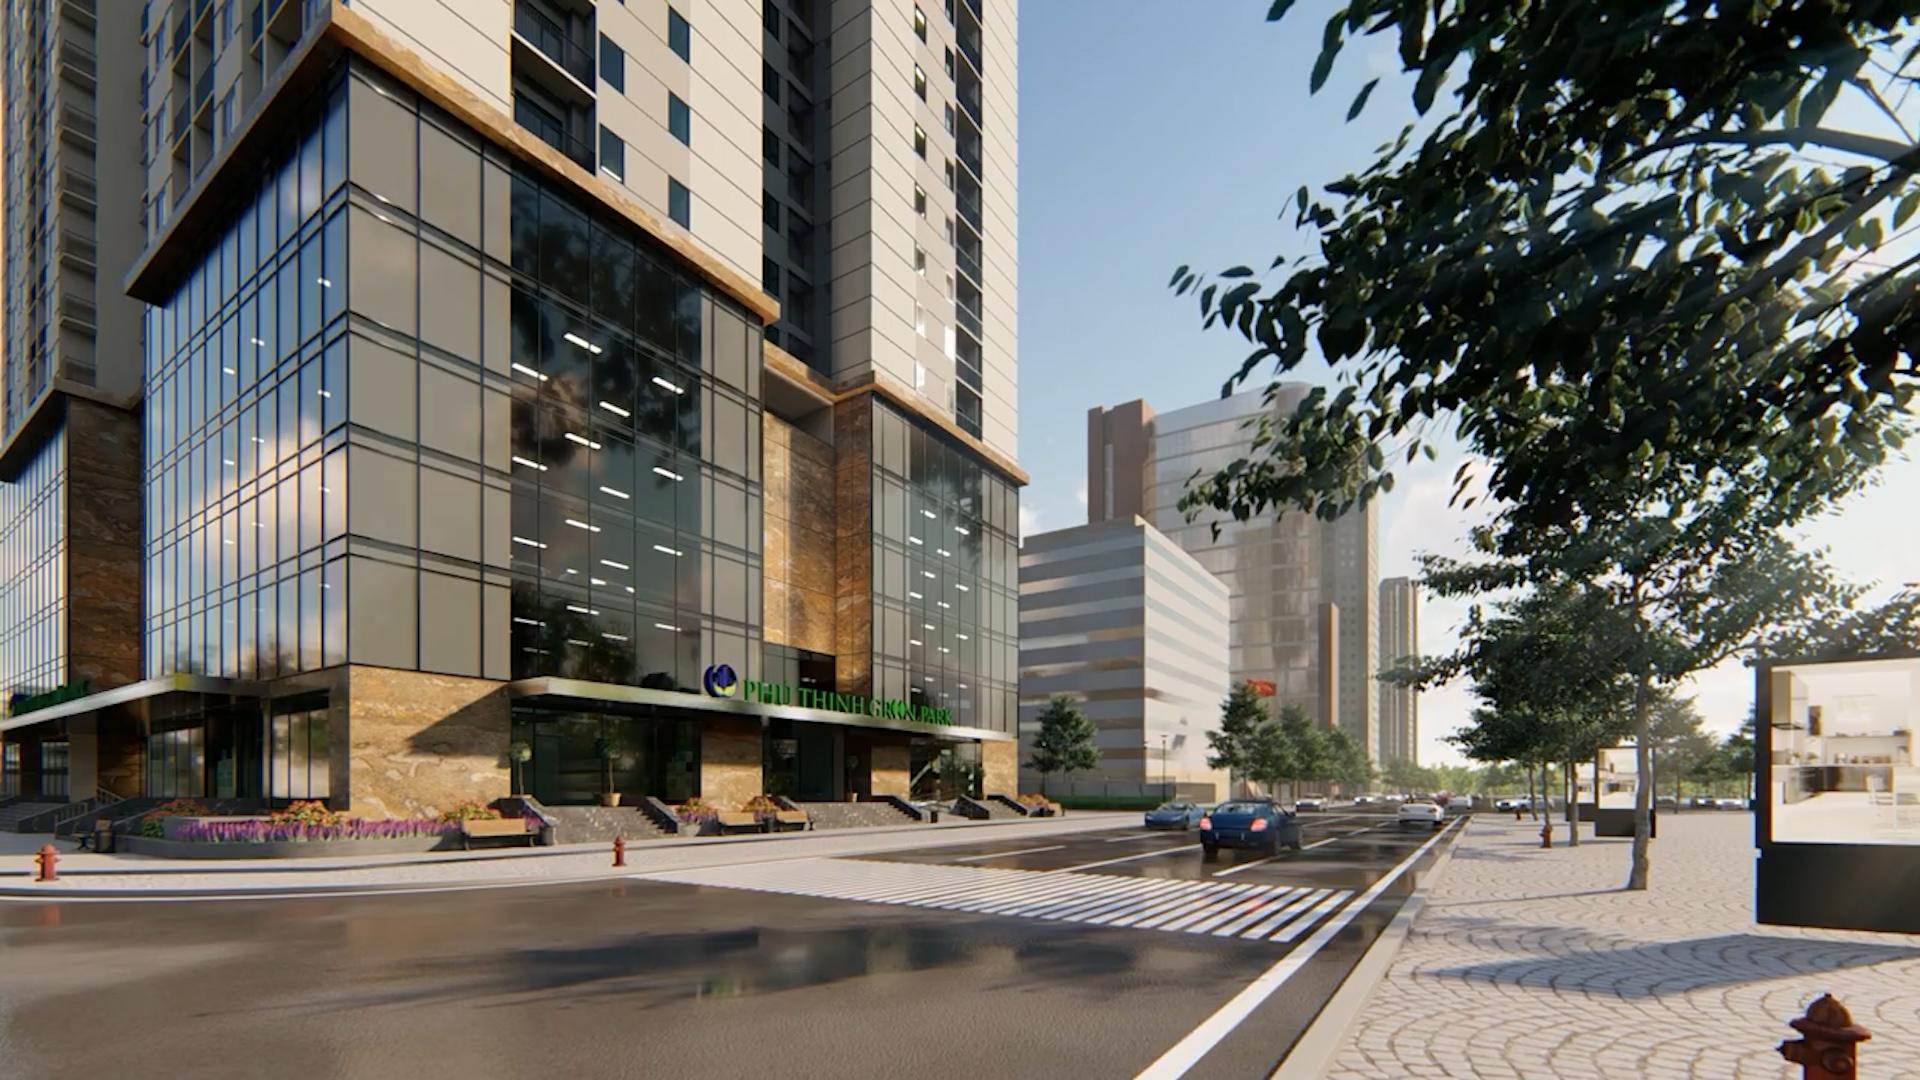 Dự án Chung cư Phú Thịnh Green Park liền kề trục đường lớn, giao thông thông suốt